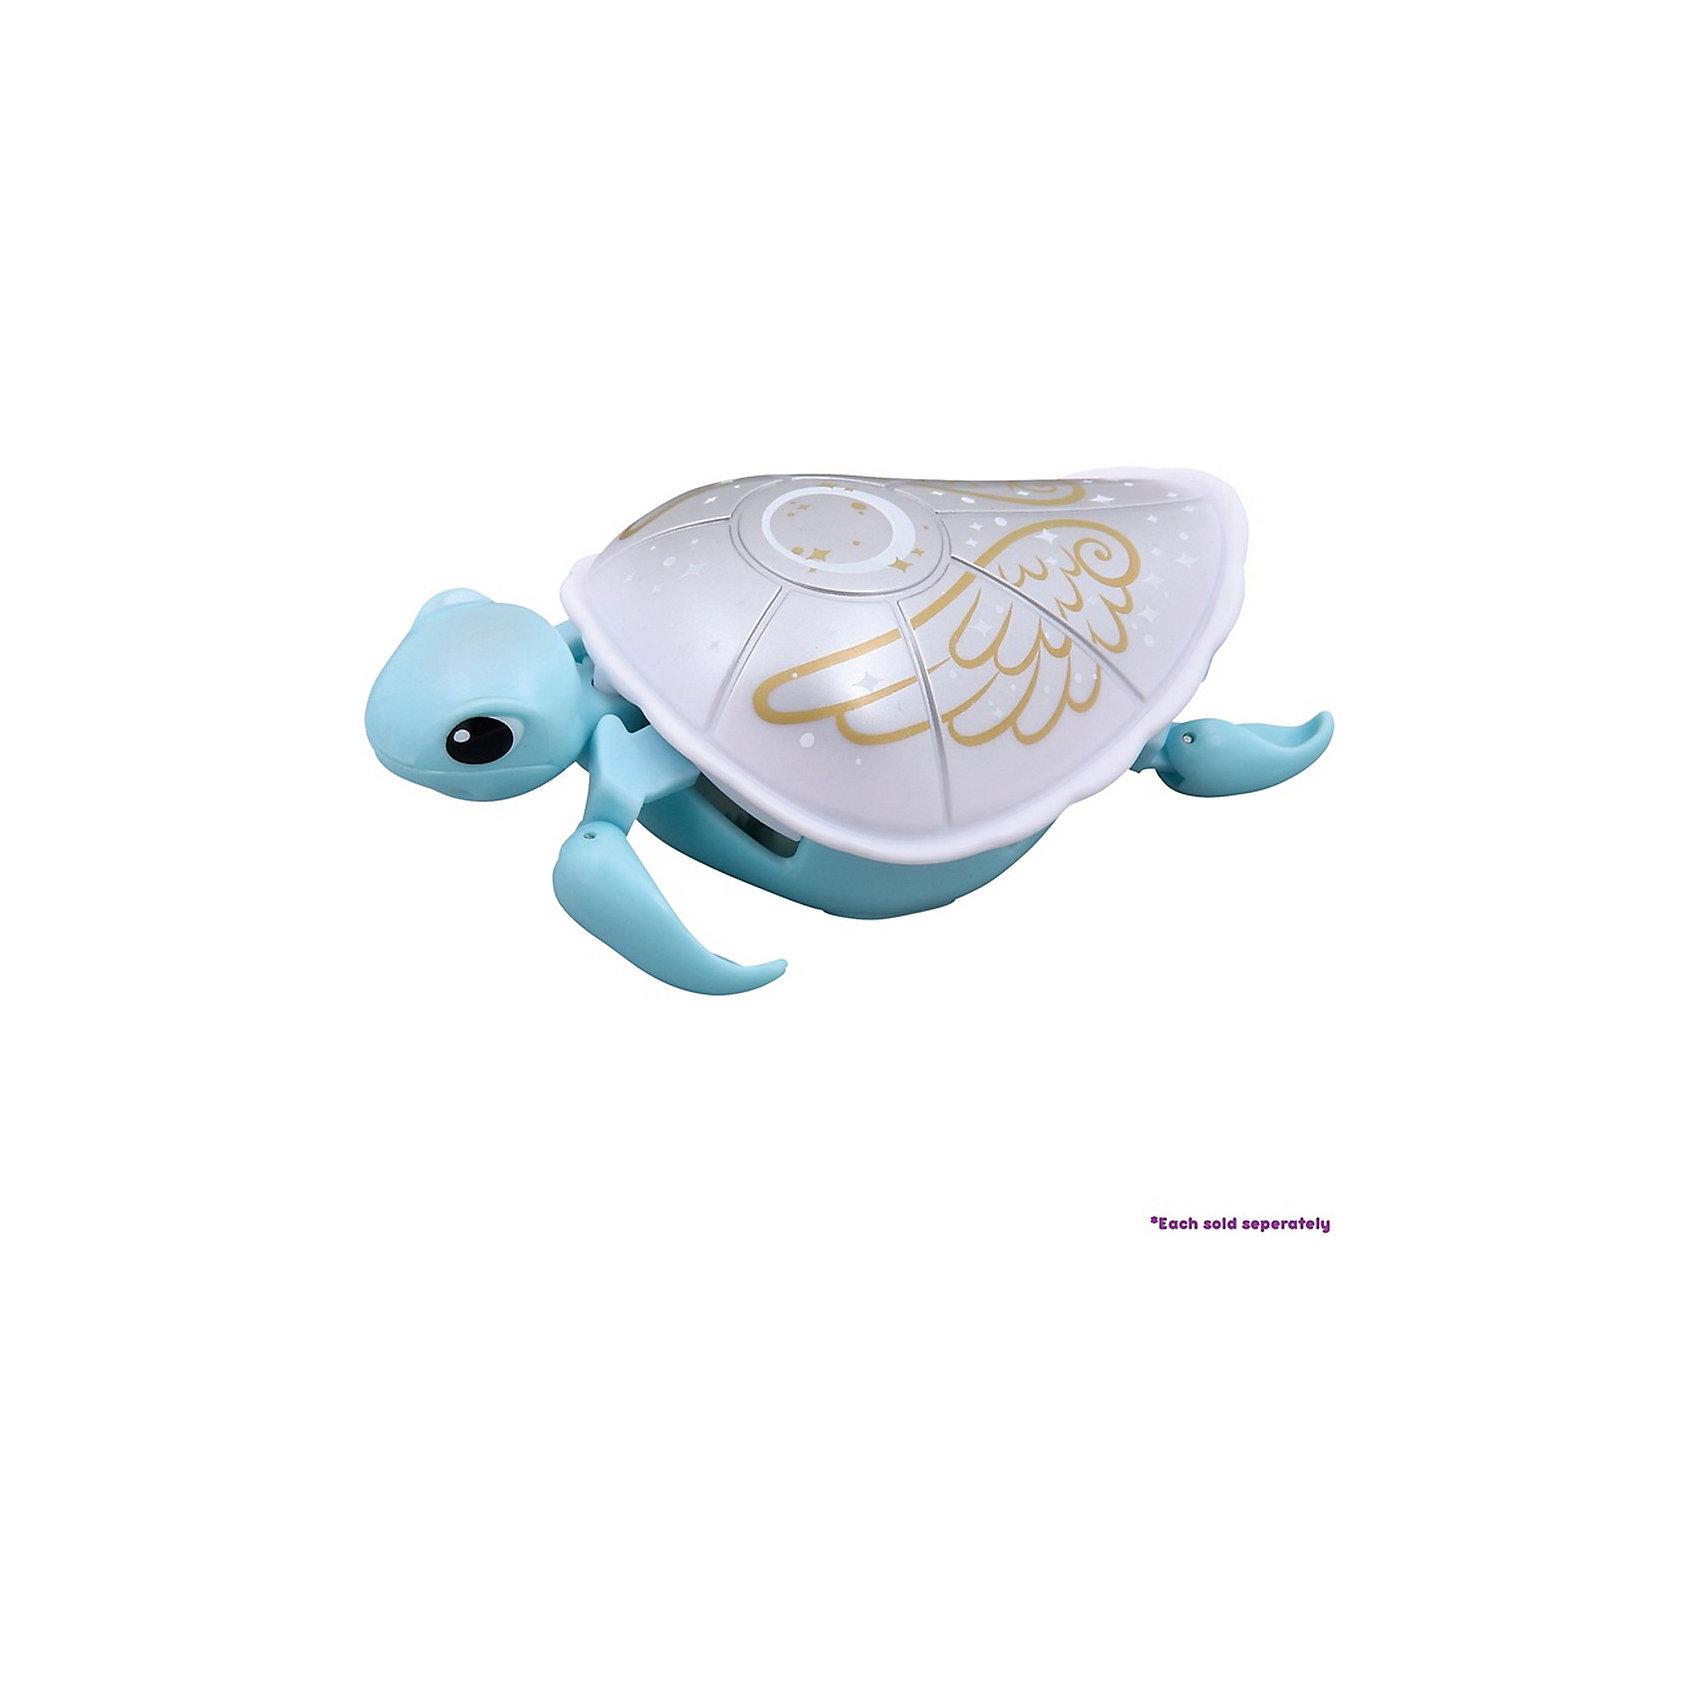 Интерактивная черепашка, голубая, 3-я серия, Little Live PetsИнтерактивные животные<br>Интерактивная черепашка, голубая, 3-я серия, Little Live Pets – разнообразит купание вашего малыша. <br>Черепашка не только замечательно ползает на суше, но и отлично плавает в воде. Черепашка очень похожа на настоящую. Материал безопасен для детей, не выделяет вредных веществ в воду. Она шевелит ластами и головой. Кнопка включения находится на брюшке. Не рекомендуется играть в морской воде и на песке.<br><br>Дополнительная информация:<br><br>- возраст: от 5 лет<br>- материал: пластик<br>- на батарейке ААА(LR03)  <br>- цвет: голубой с перламутровым панцирем<br><br>Интерактивную черепашку, голубая, 3-я серия, Little Live Pets можно купить в нашем интернет-магазине.<br><br>Ширина мм: 50<br>Глубина мм: 160<br>Высота мм: 220<br>Вес г: 200<br>Возраст от месяцев: 60<br>Возраст до месяцев: 120<br>Пол: Унисекс<br>Возраст: Детский<br>SKU: 5055302